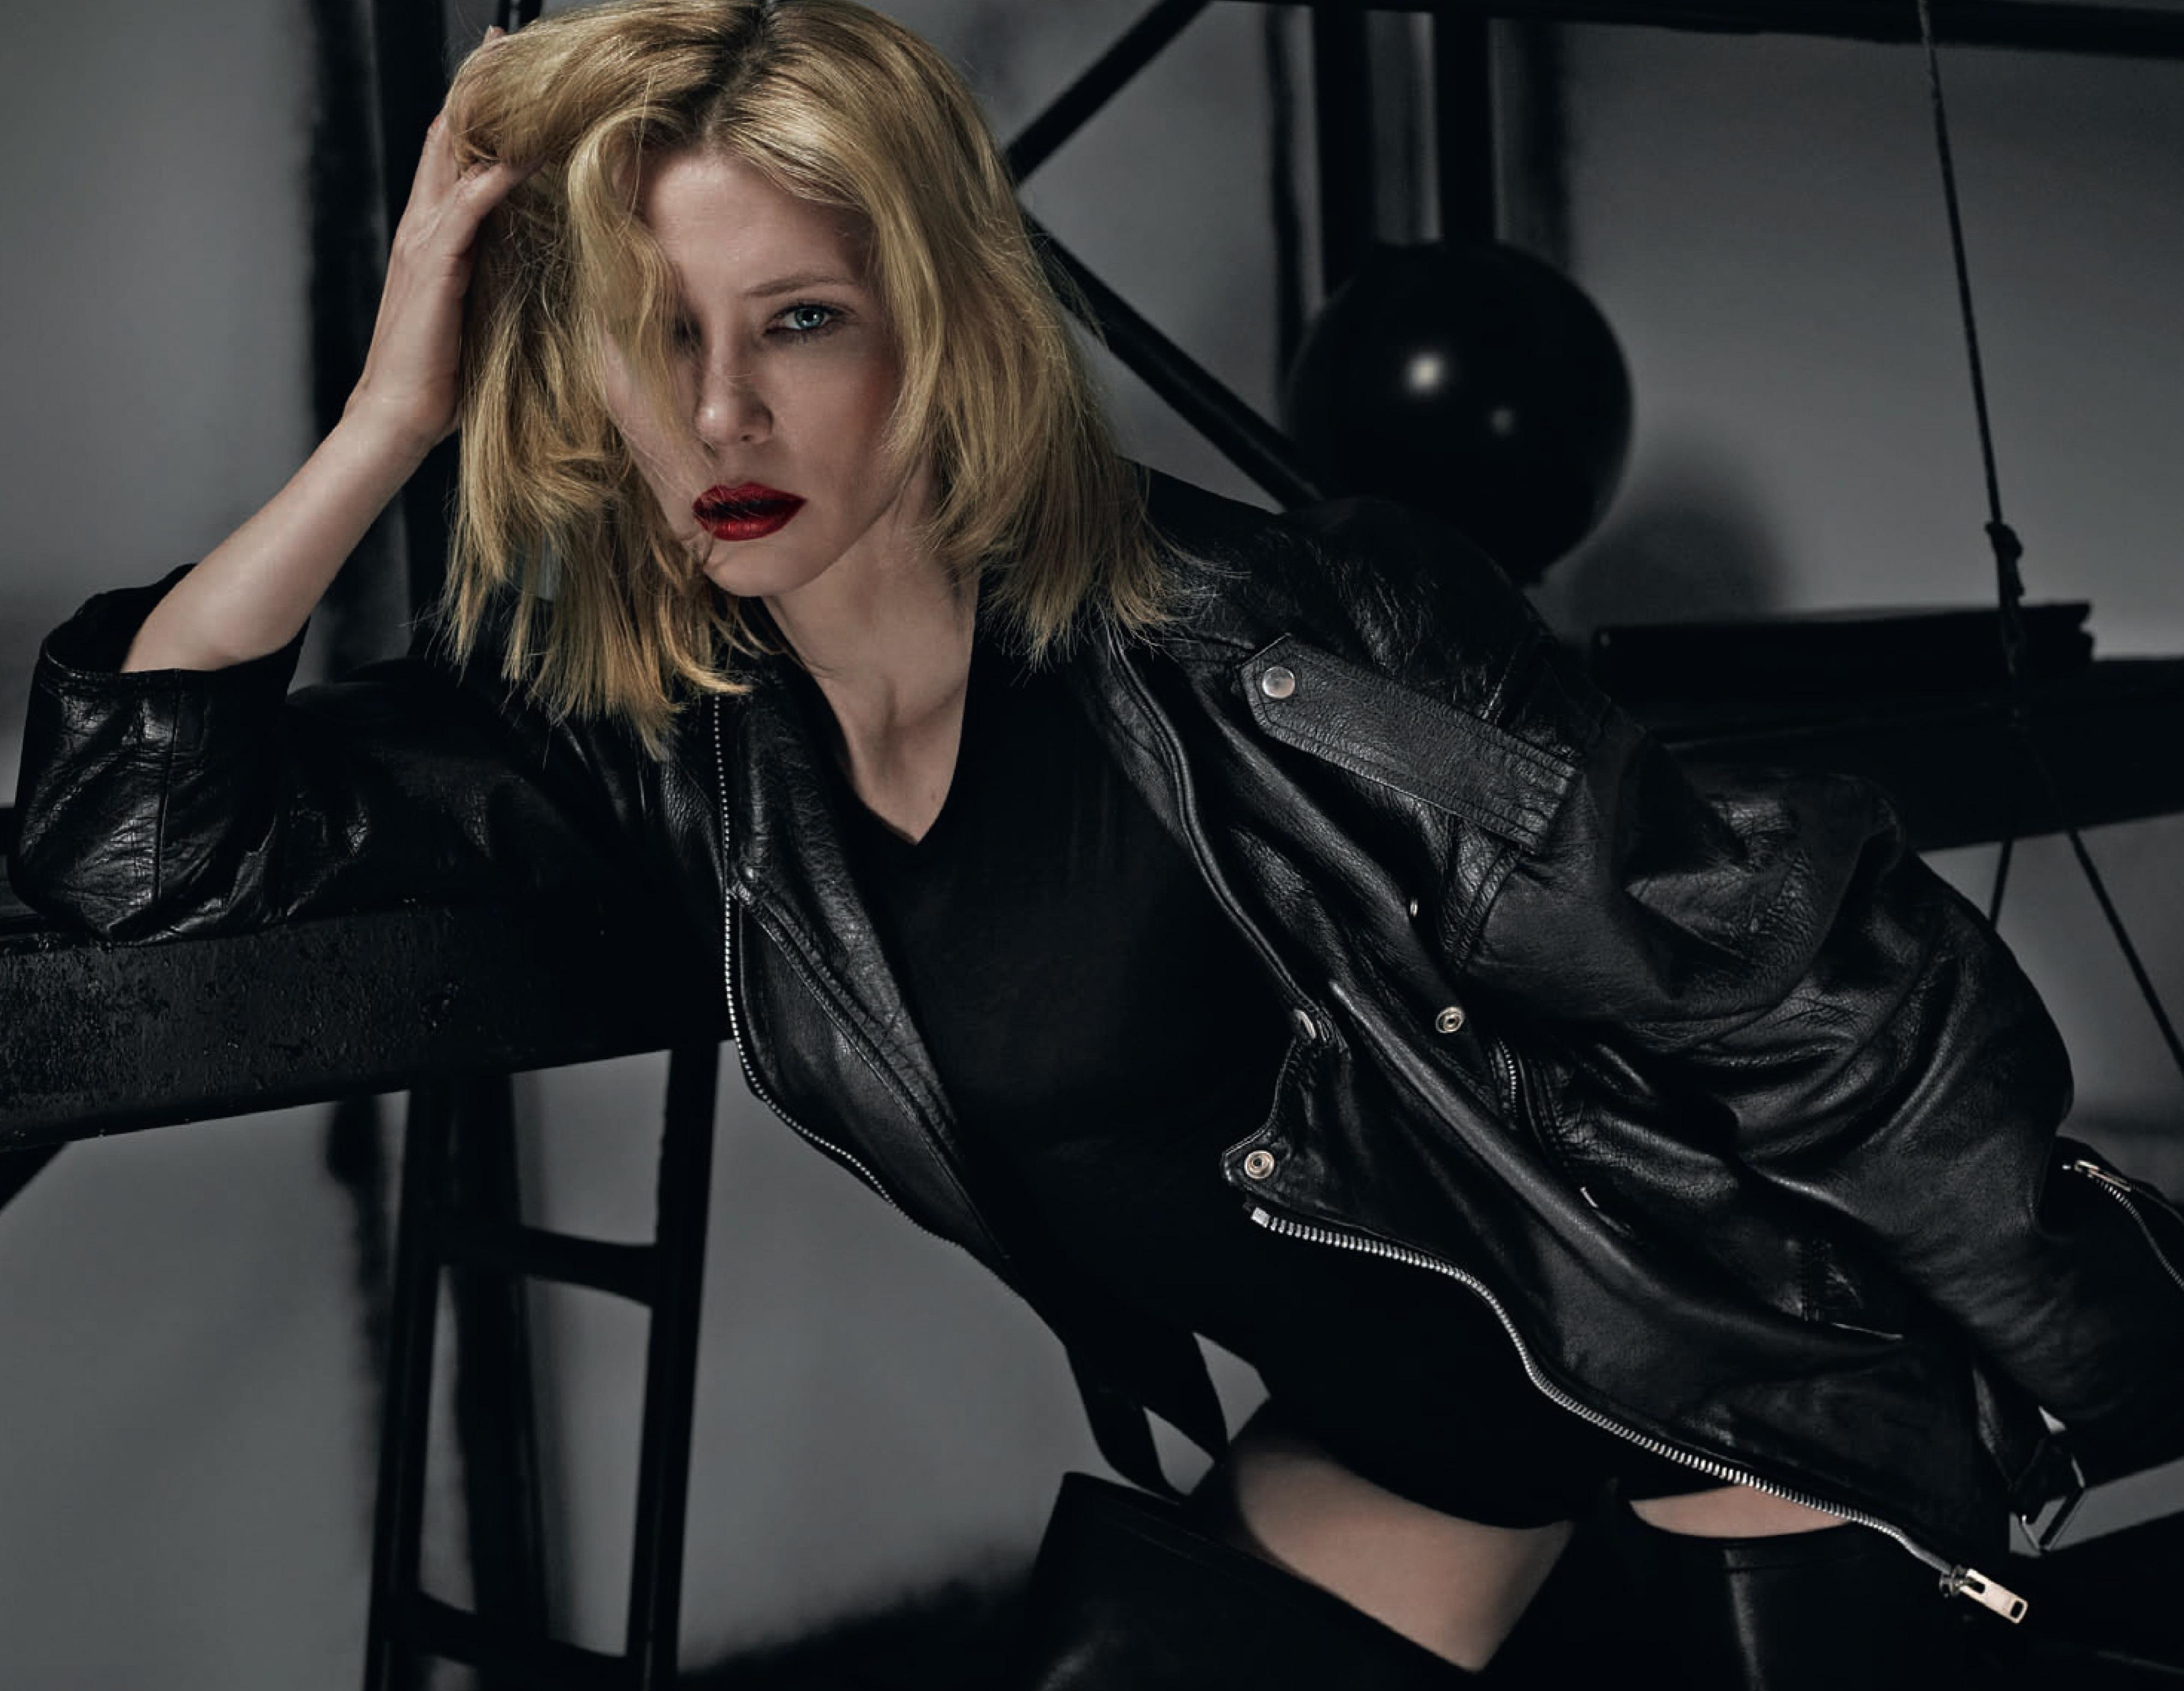 Cate Blanchett 4k